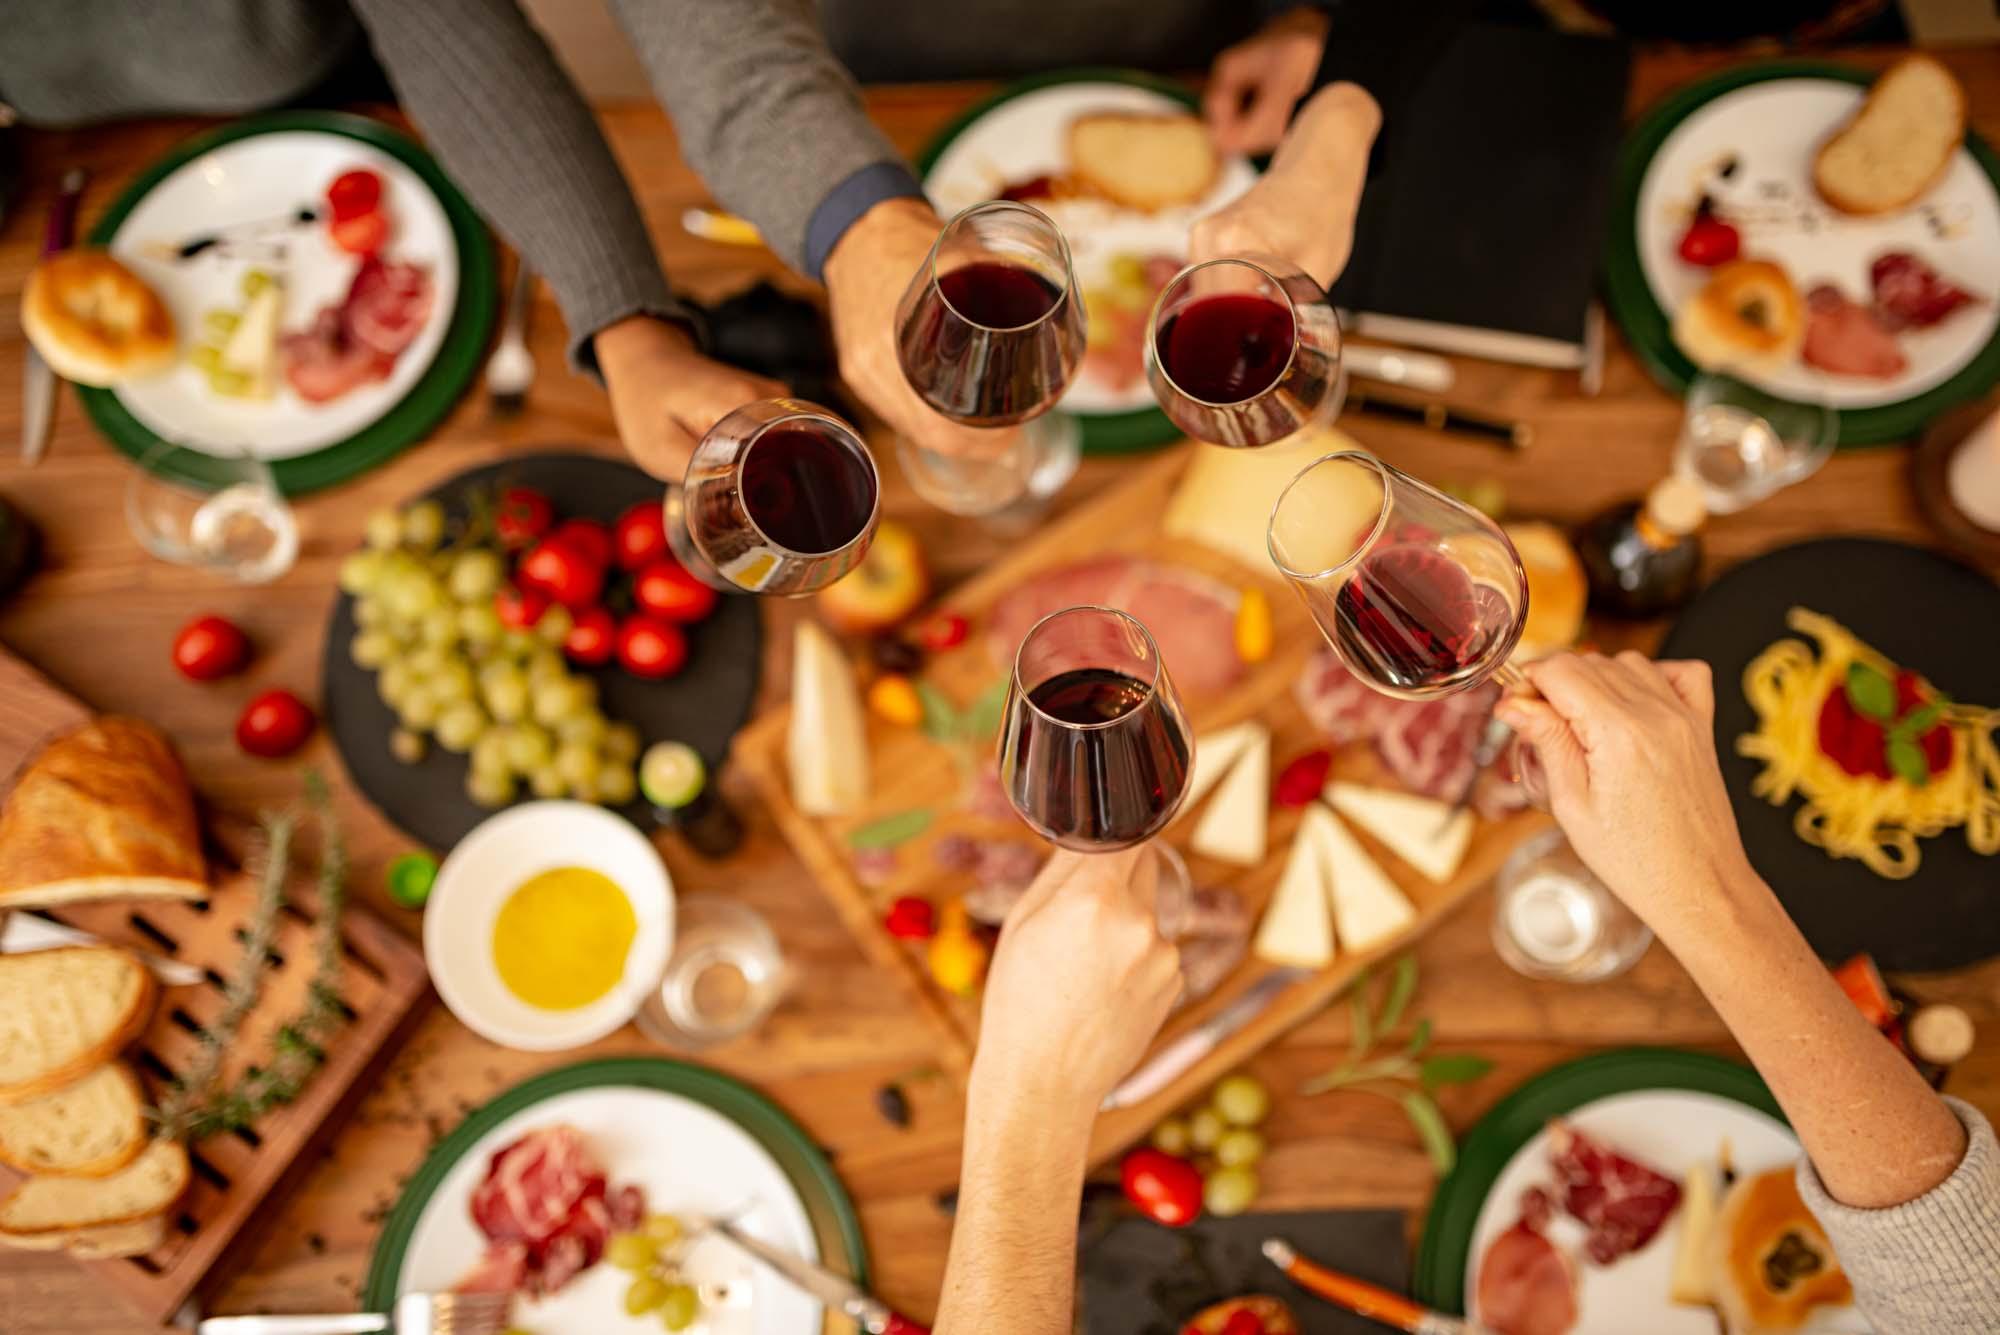 Corsi Di Cucina Cene Aziendali a Terni